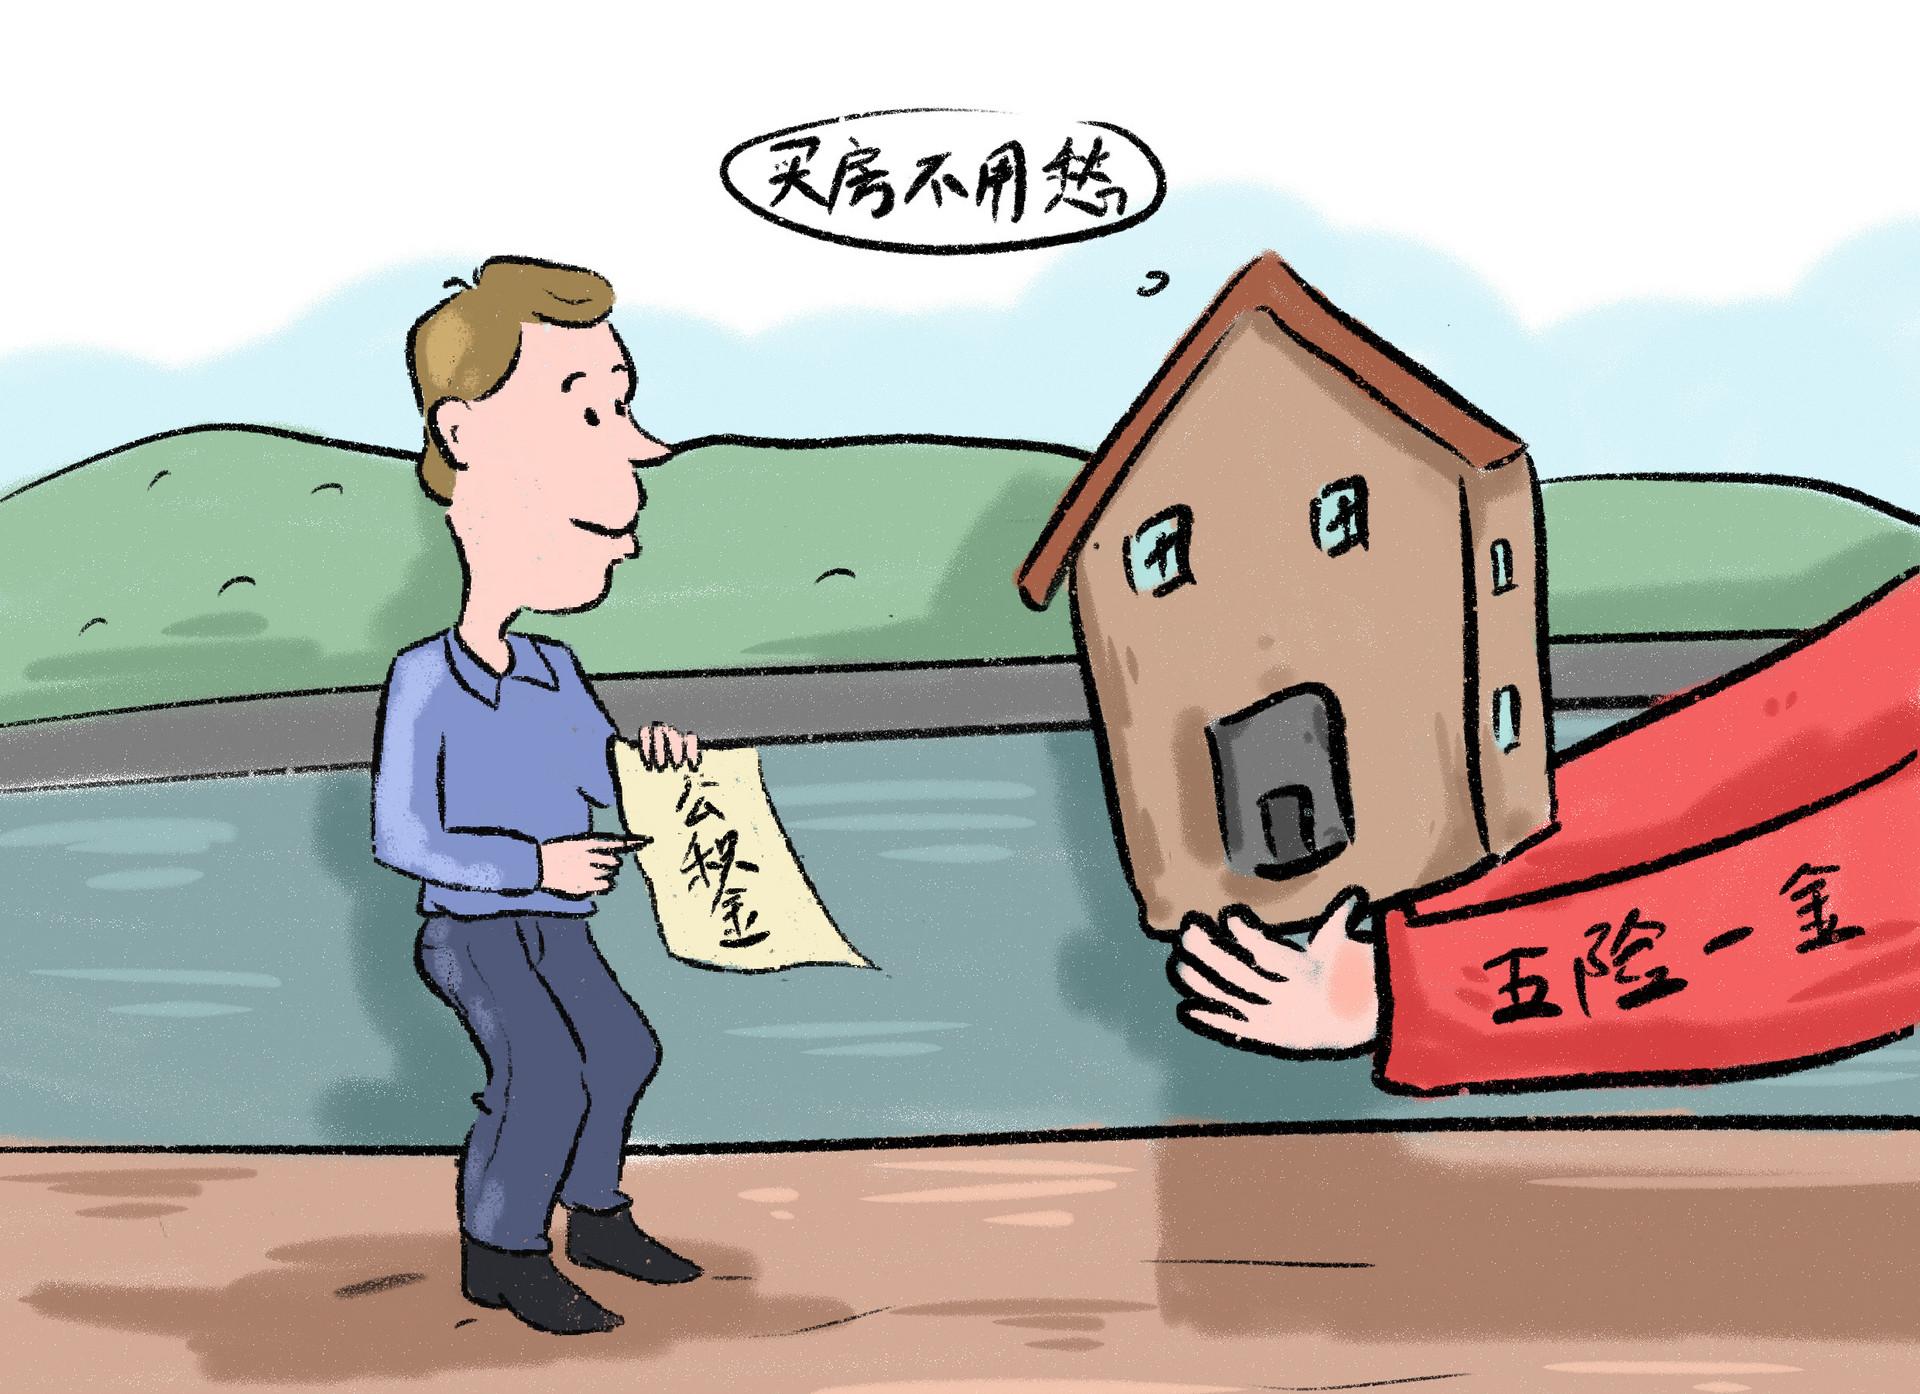 在上海做网约车司机没有固定的公司,对于社保的缴纳应该怎么办?